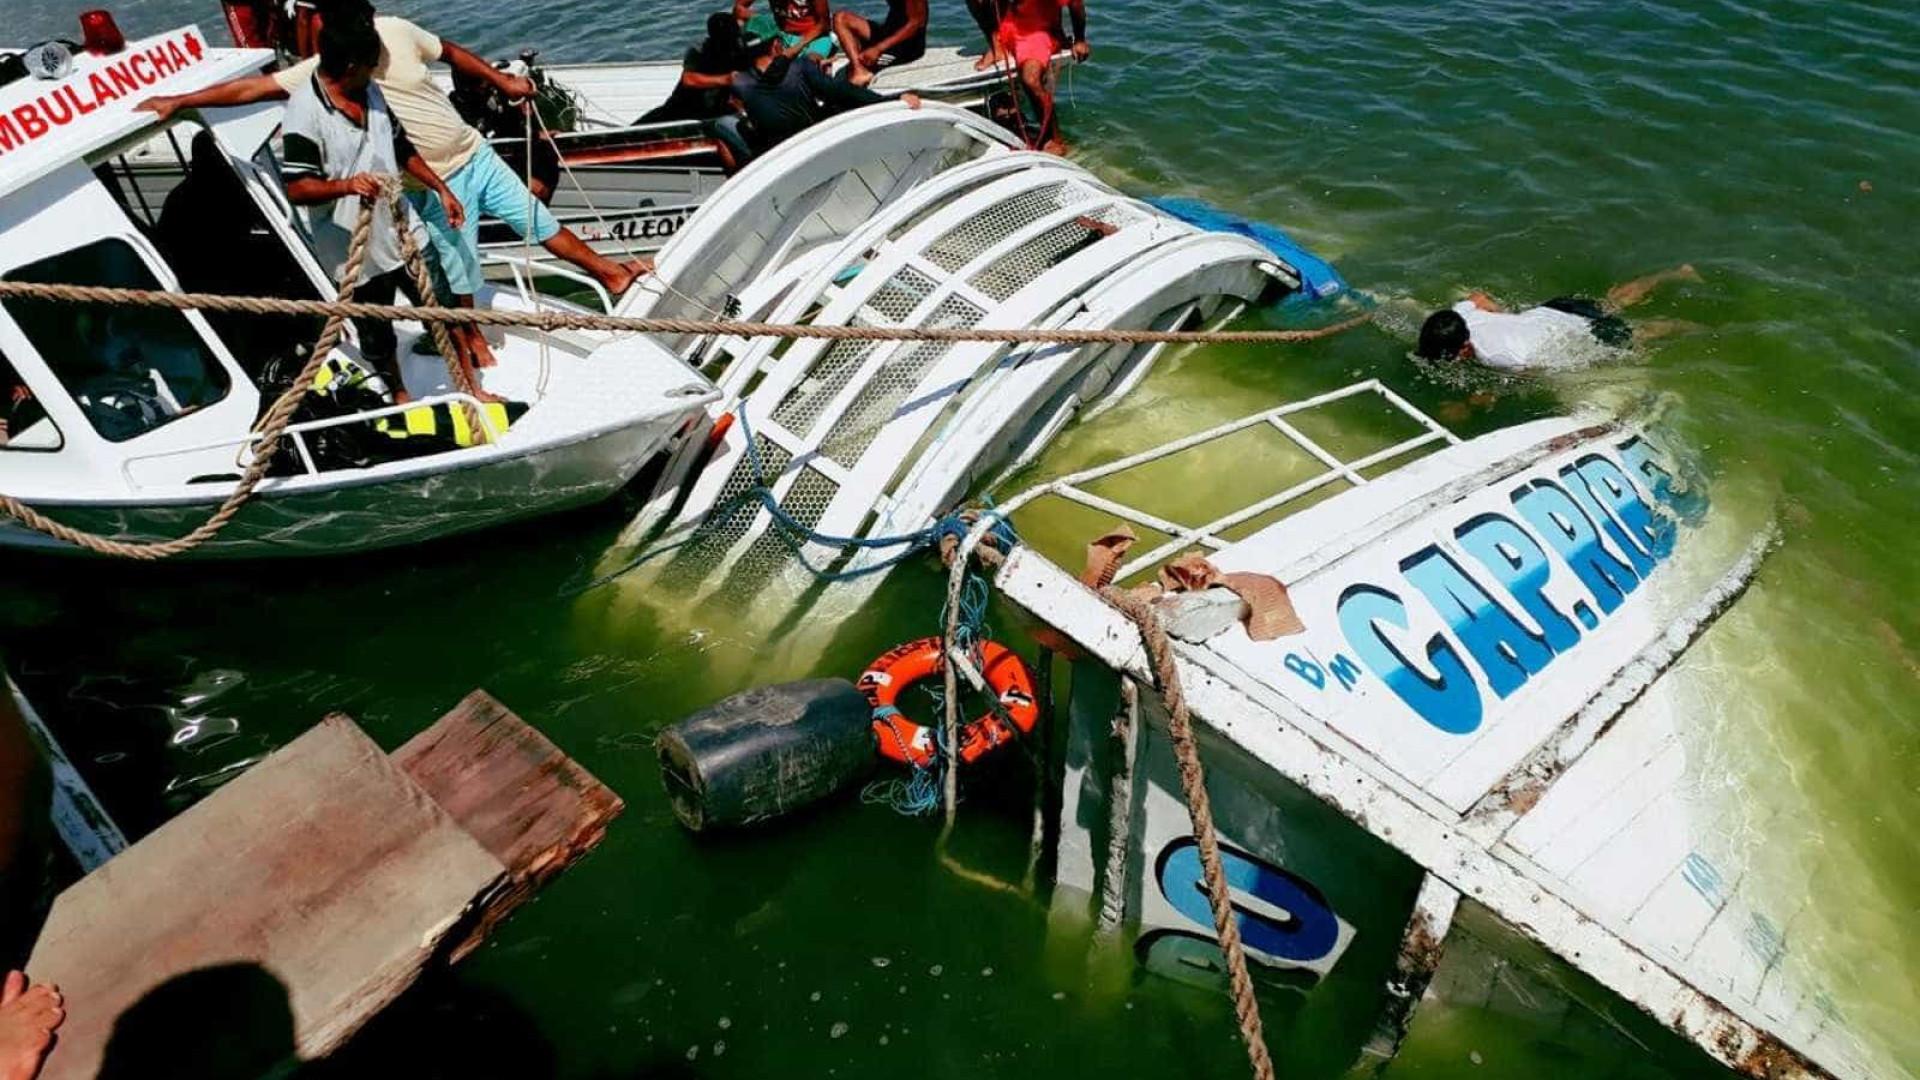 Dono de barco naufragado no Pará culpa crise por irregularidade